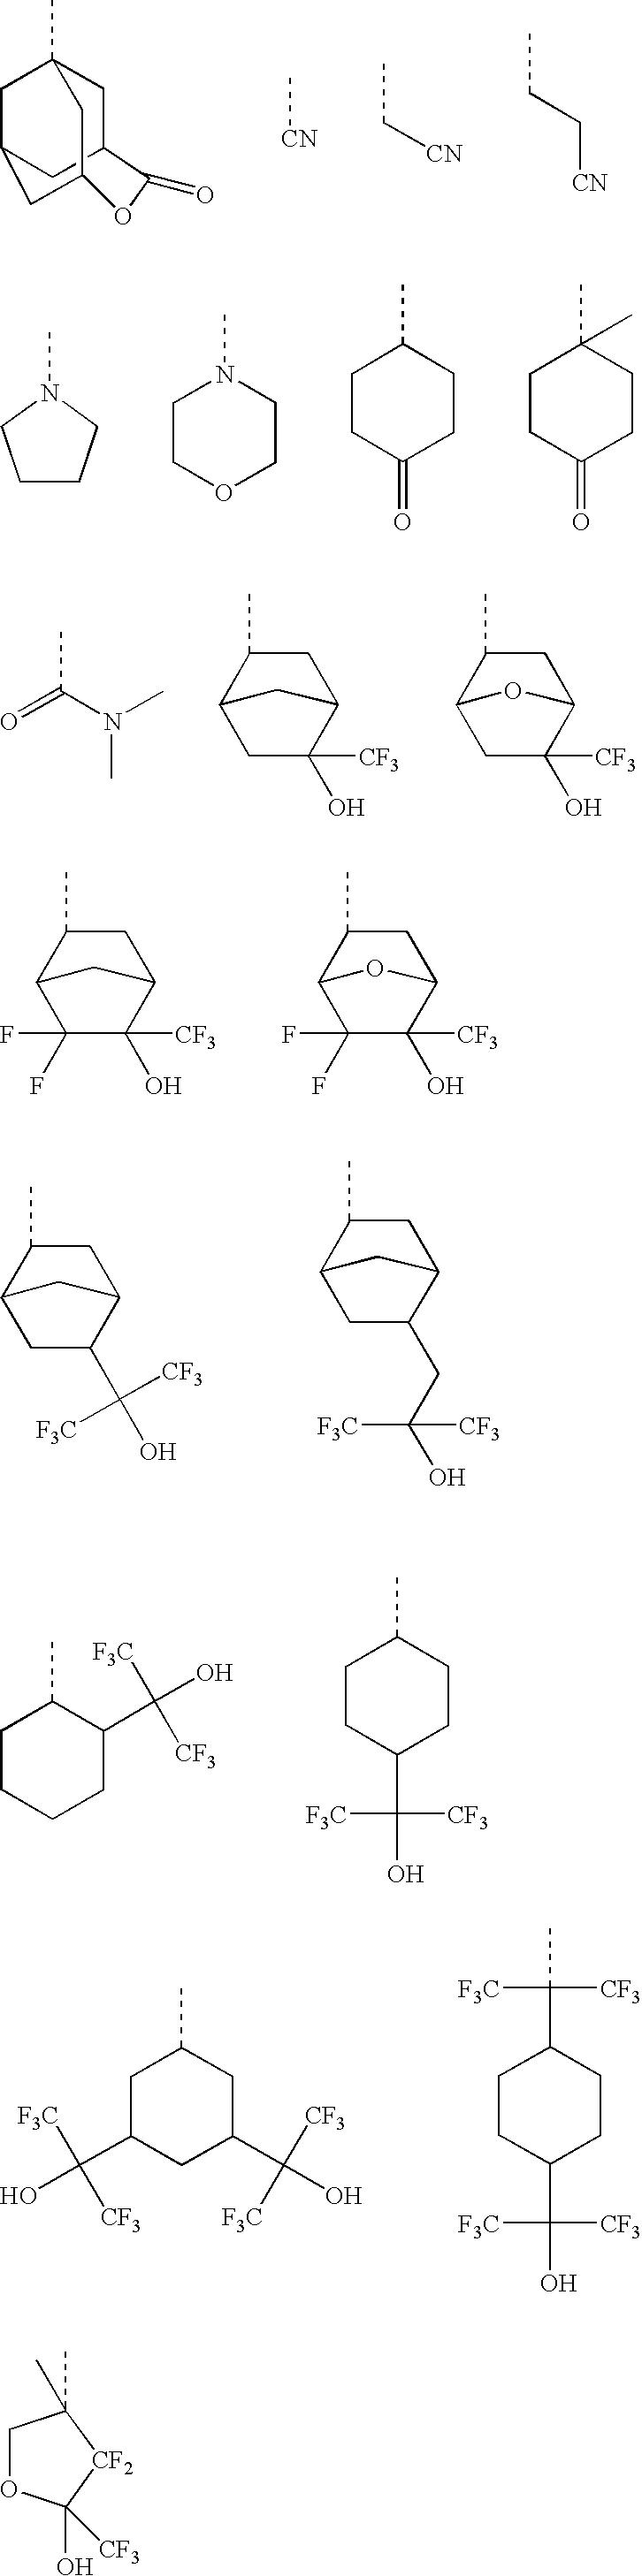 Figure US07537880-20090526-C00014